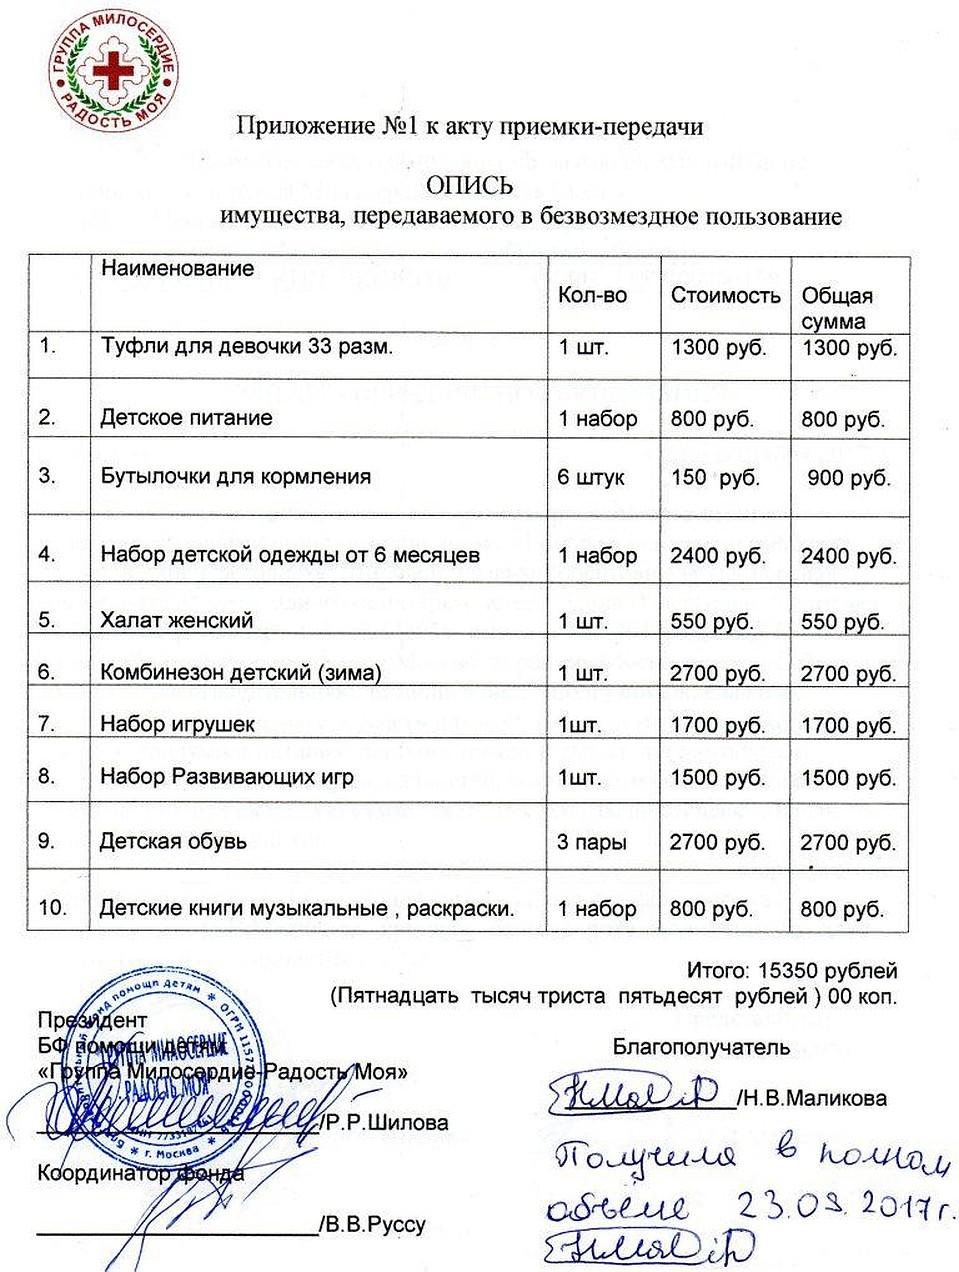 задача билет на концерт стоит 2400 рублей